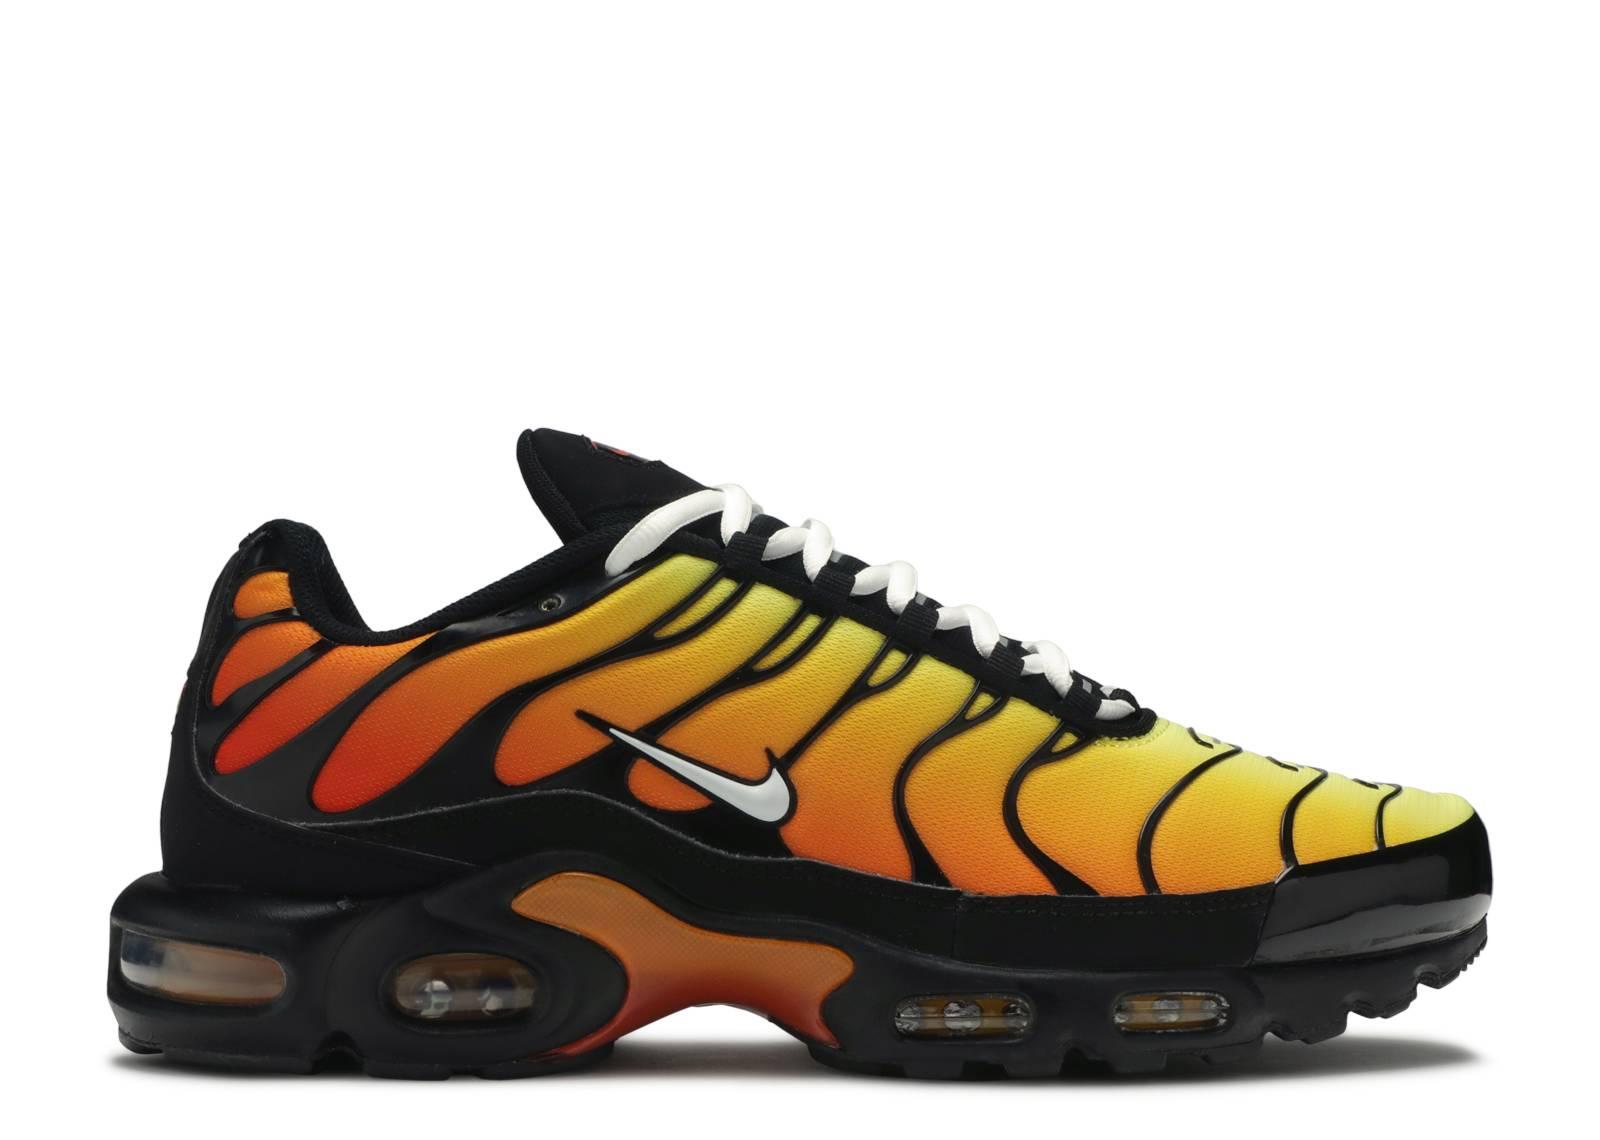 Air Max Plus OG 'Tiger'